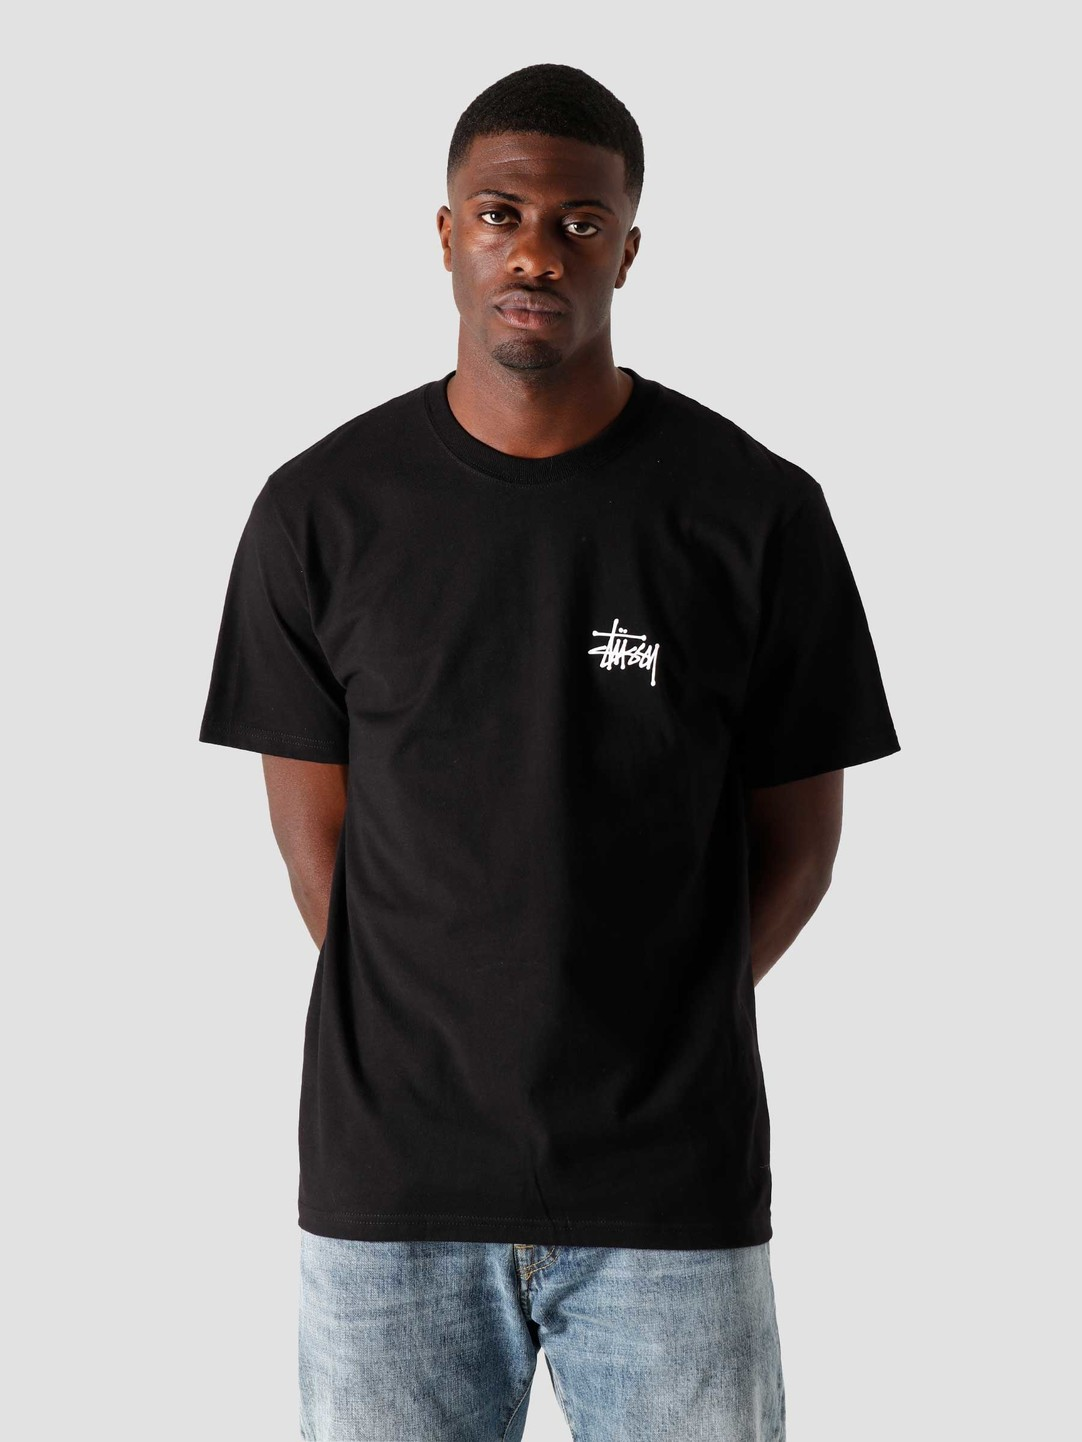 Stussy Stussy Basic Stussy T-Shirt Black 1904567-0001